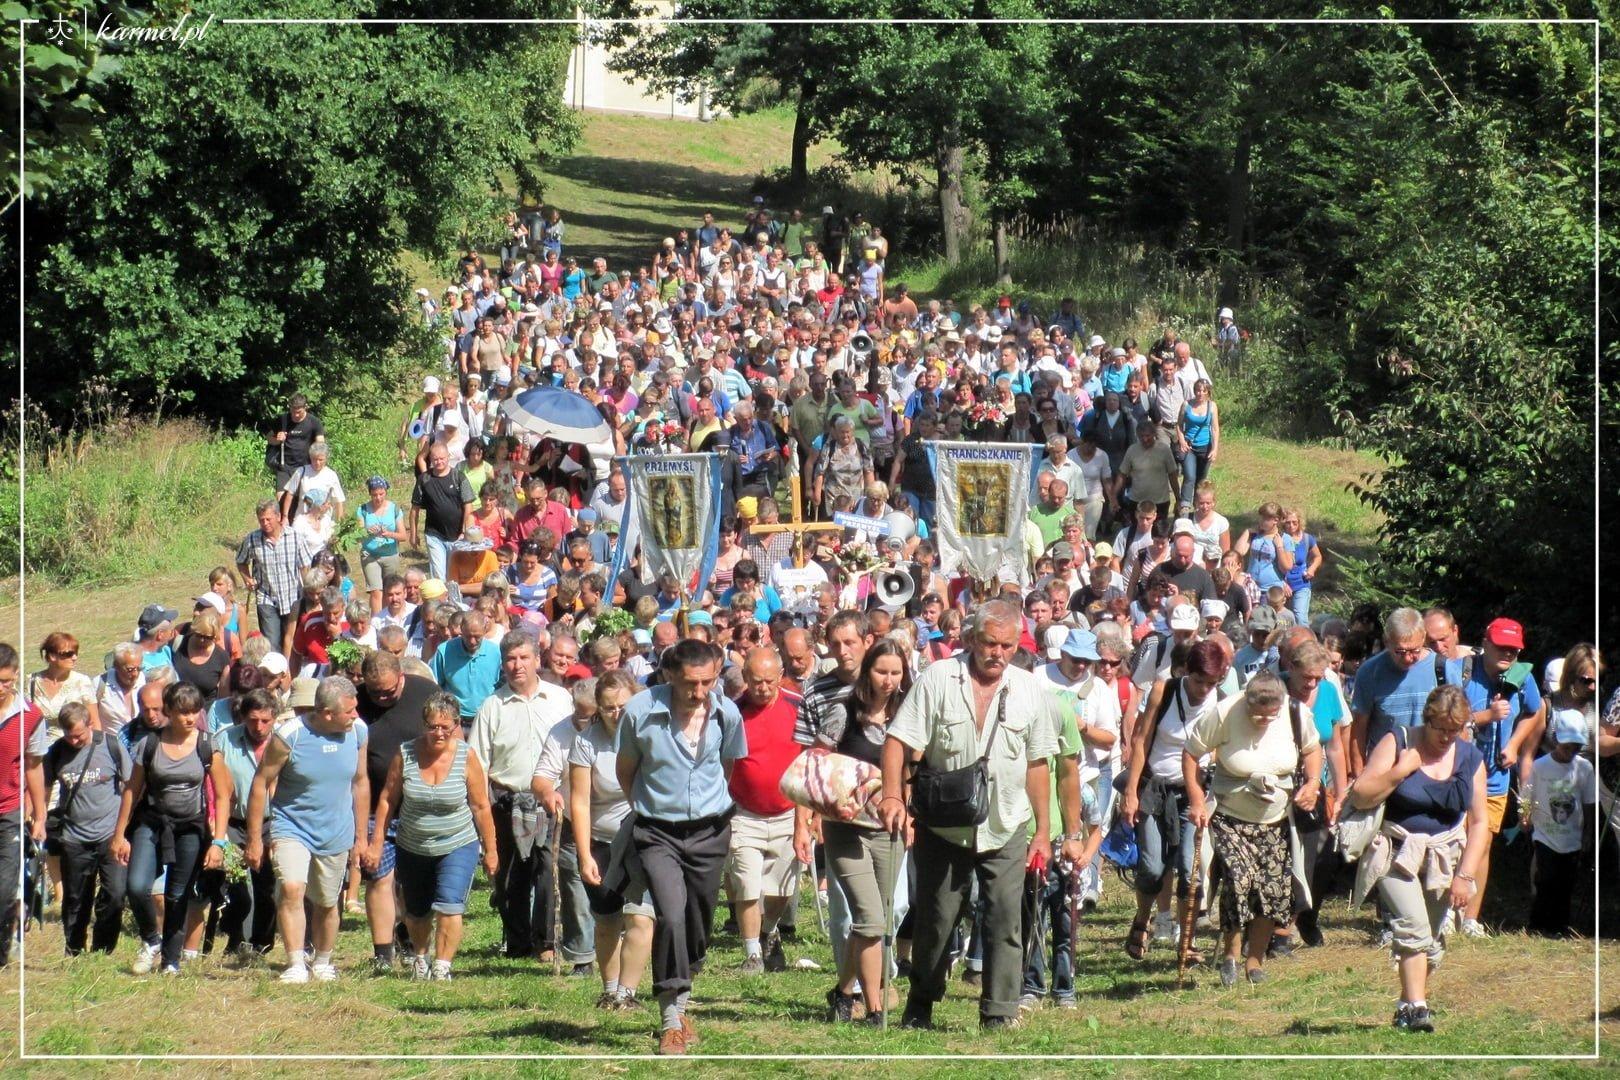 Kalwaryjskie-i-sierpniowe-2011-085